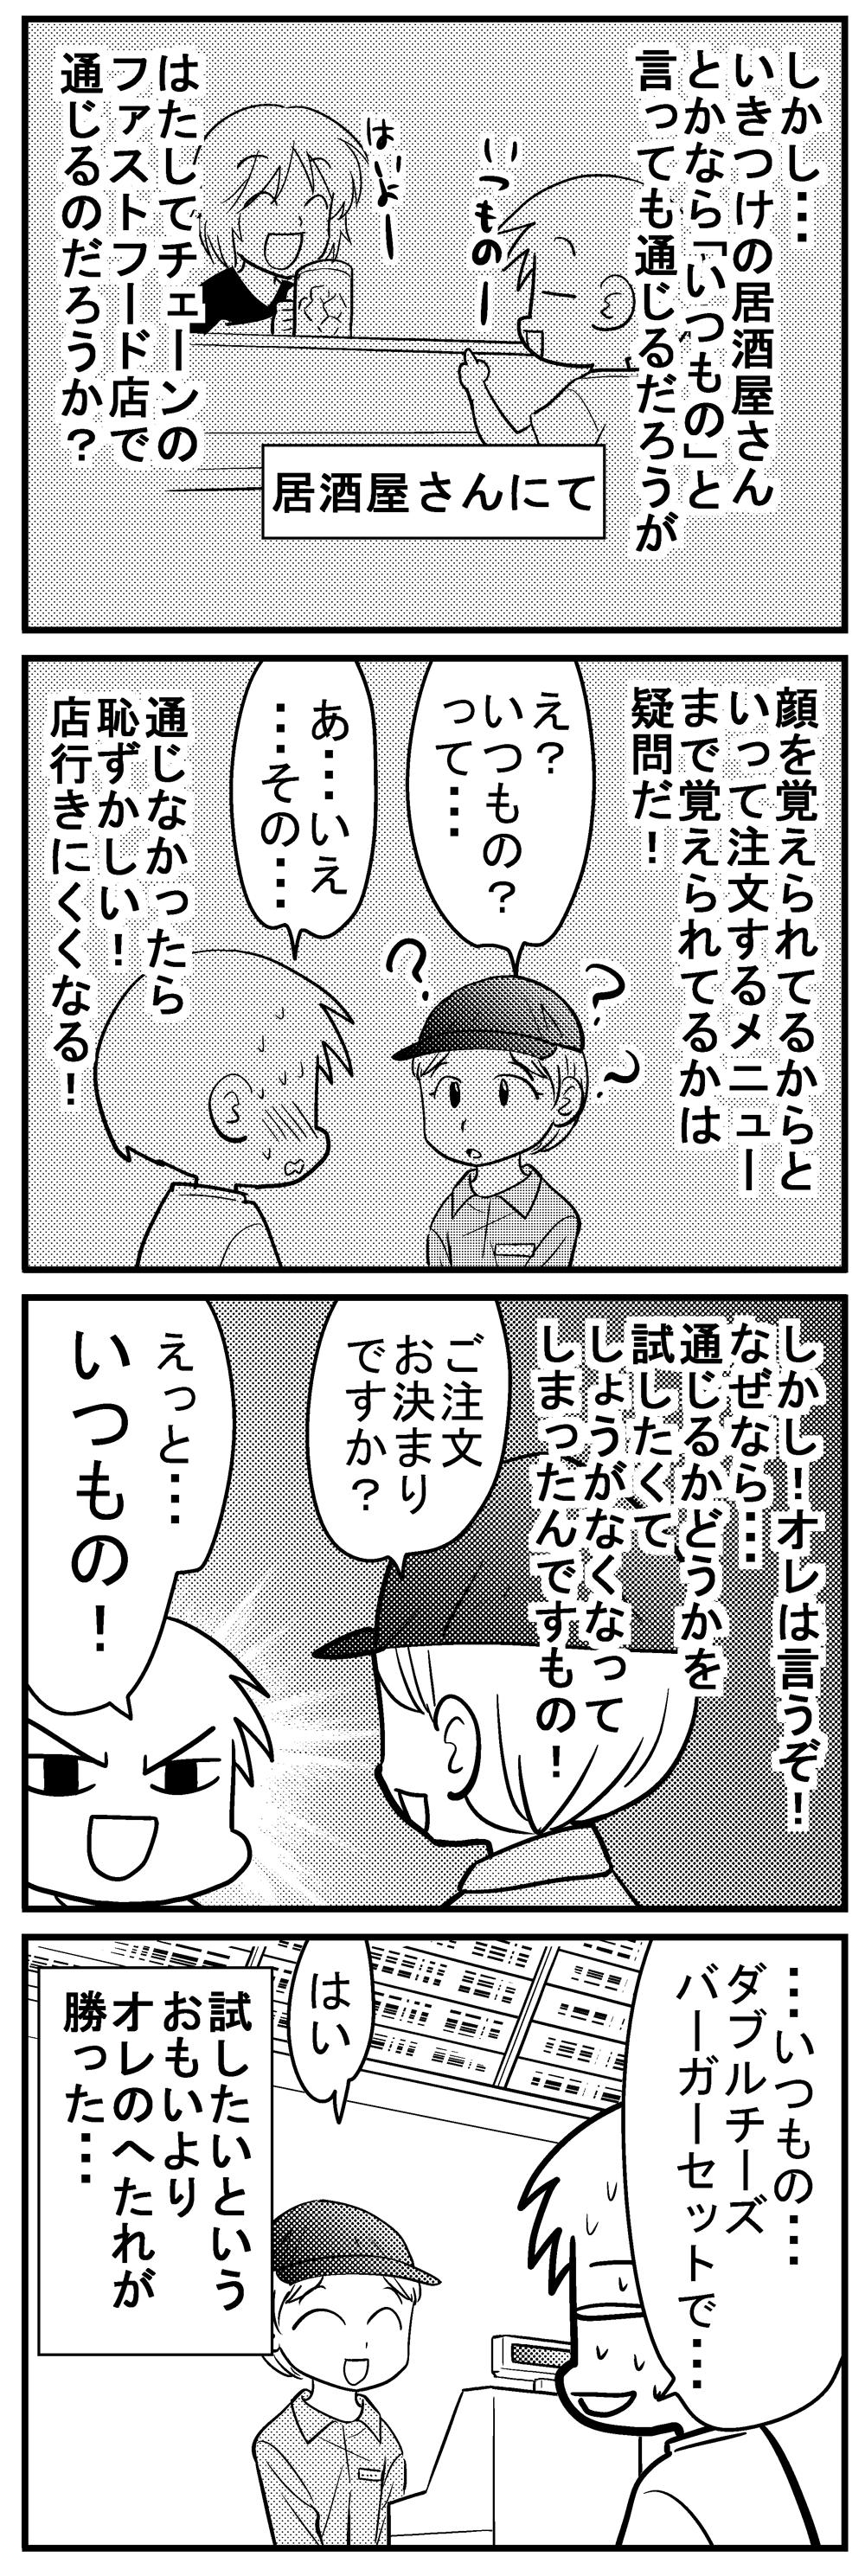 深読みくん83-2